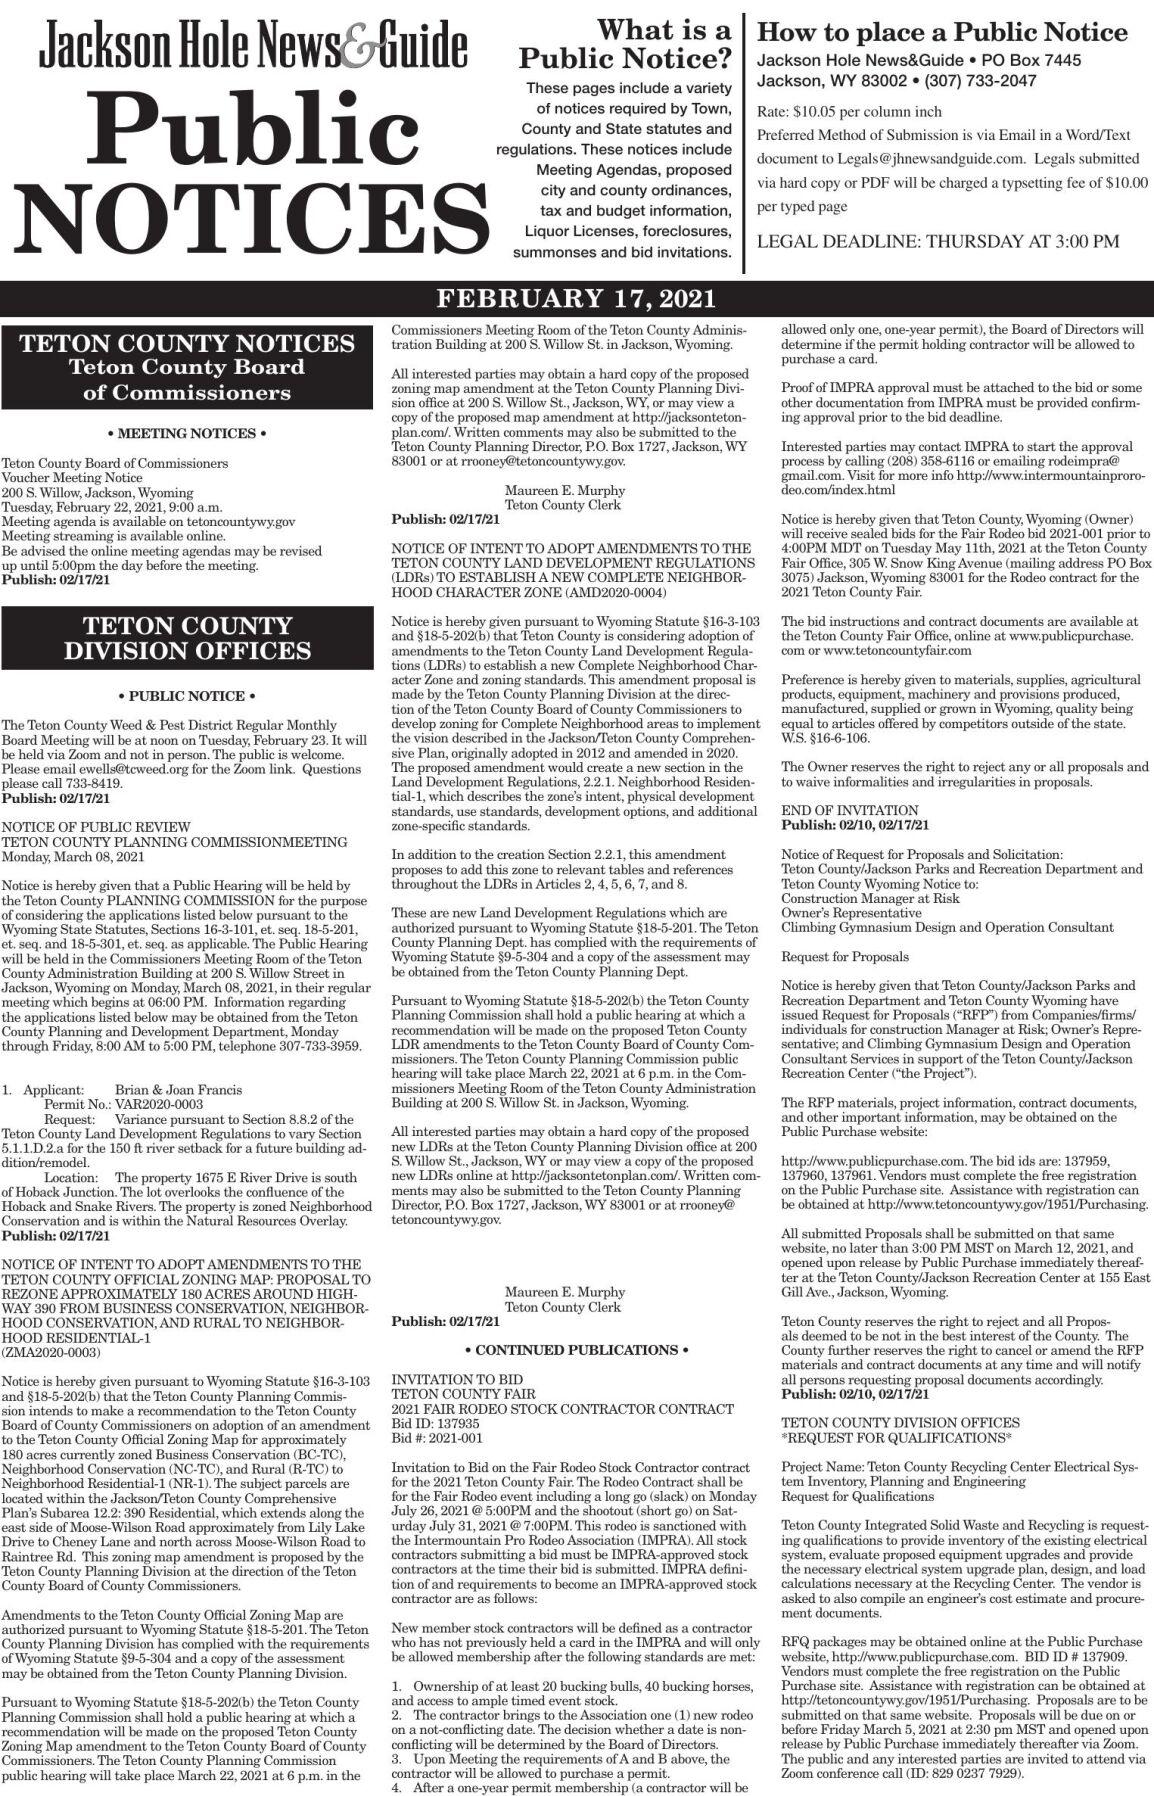 Public Notices, Feb. 17, 2021